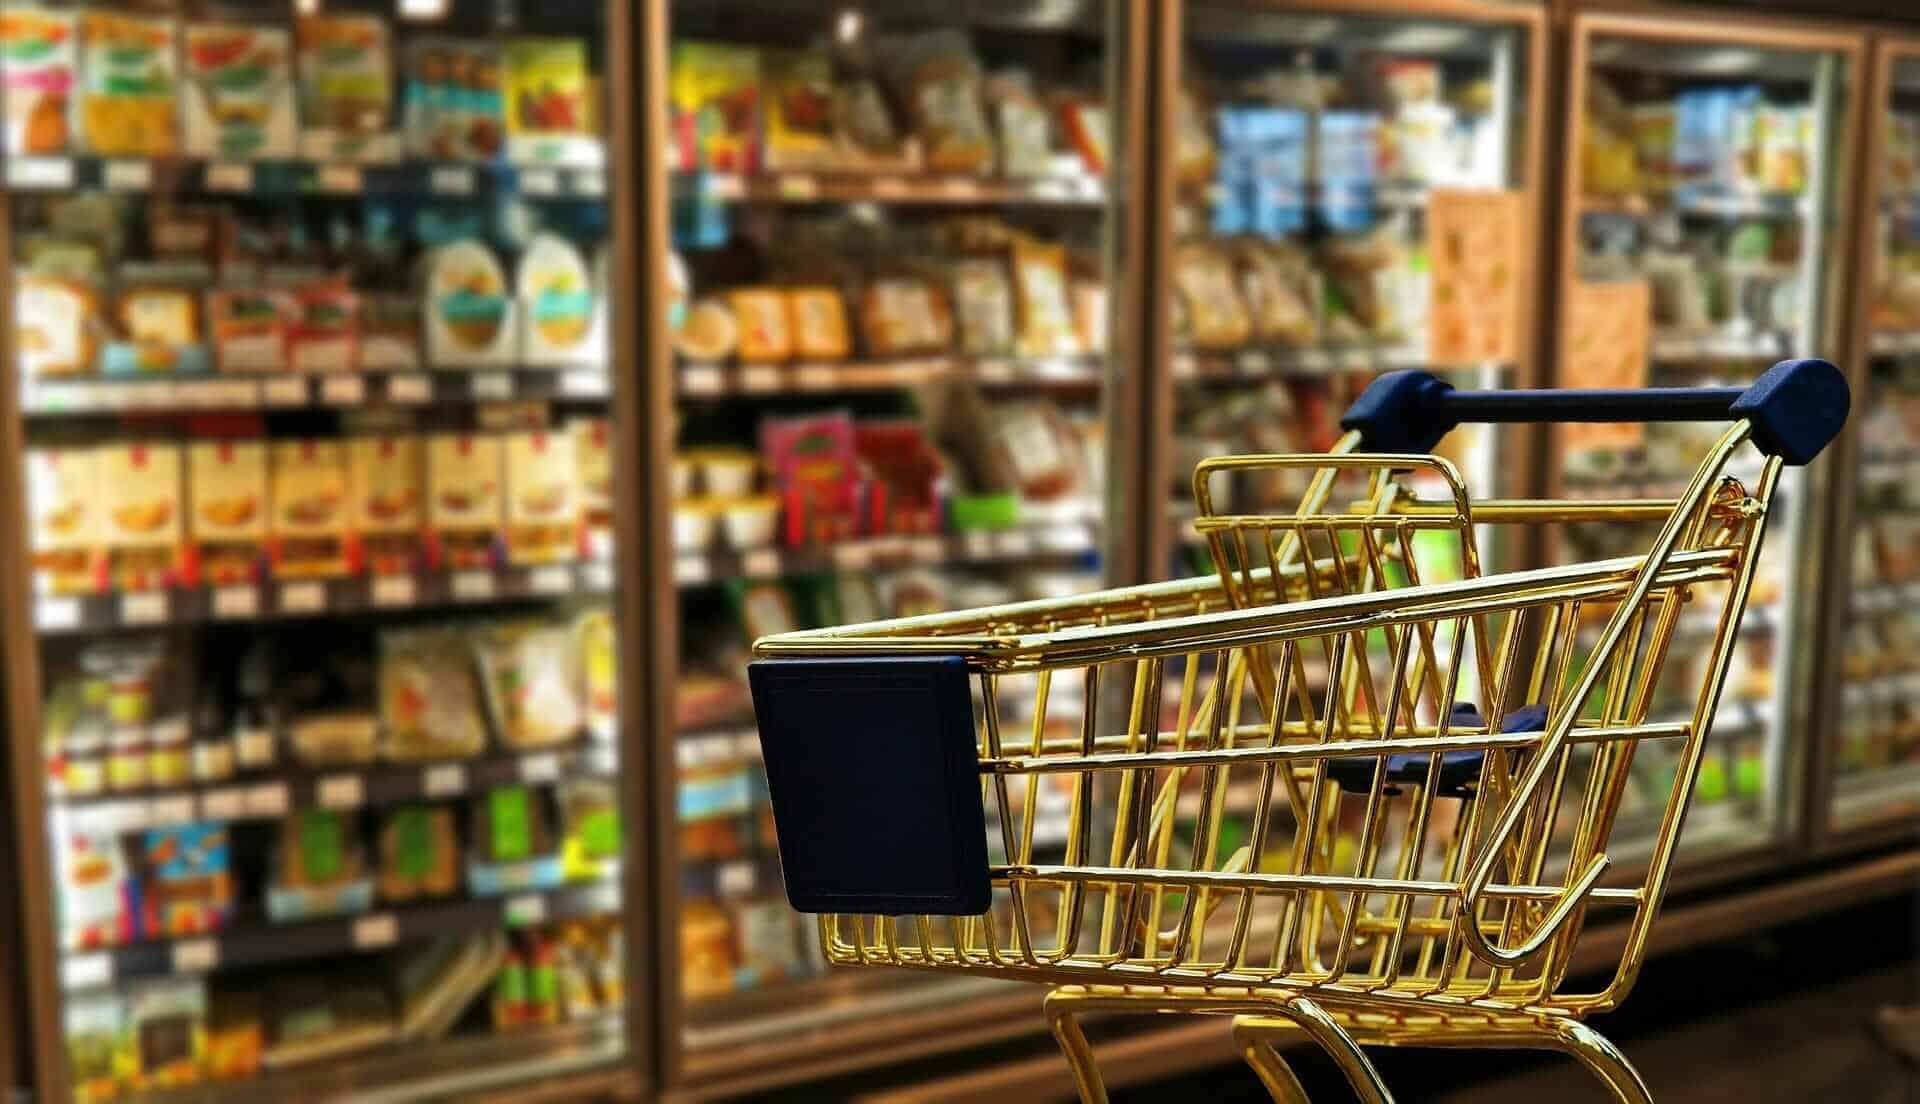 Shop in supermarkets